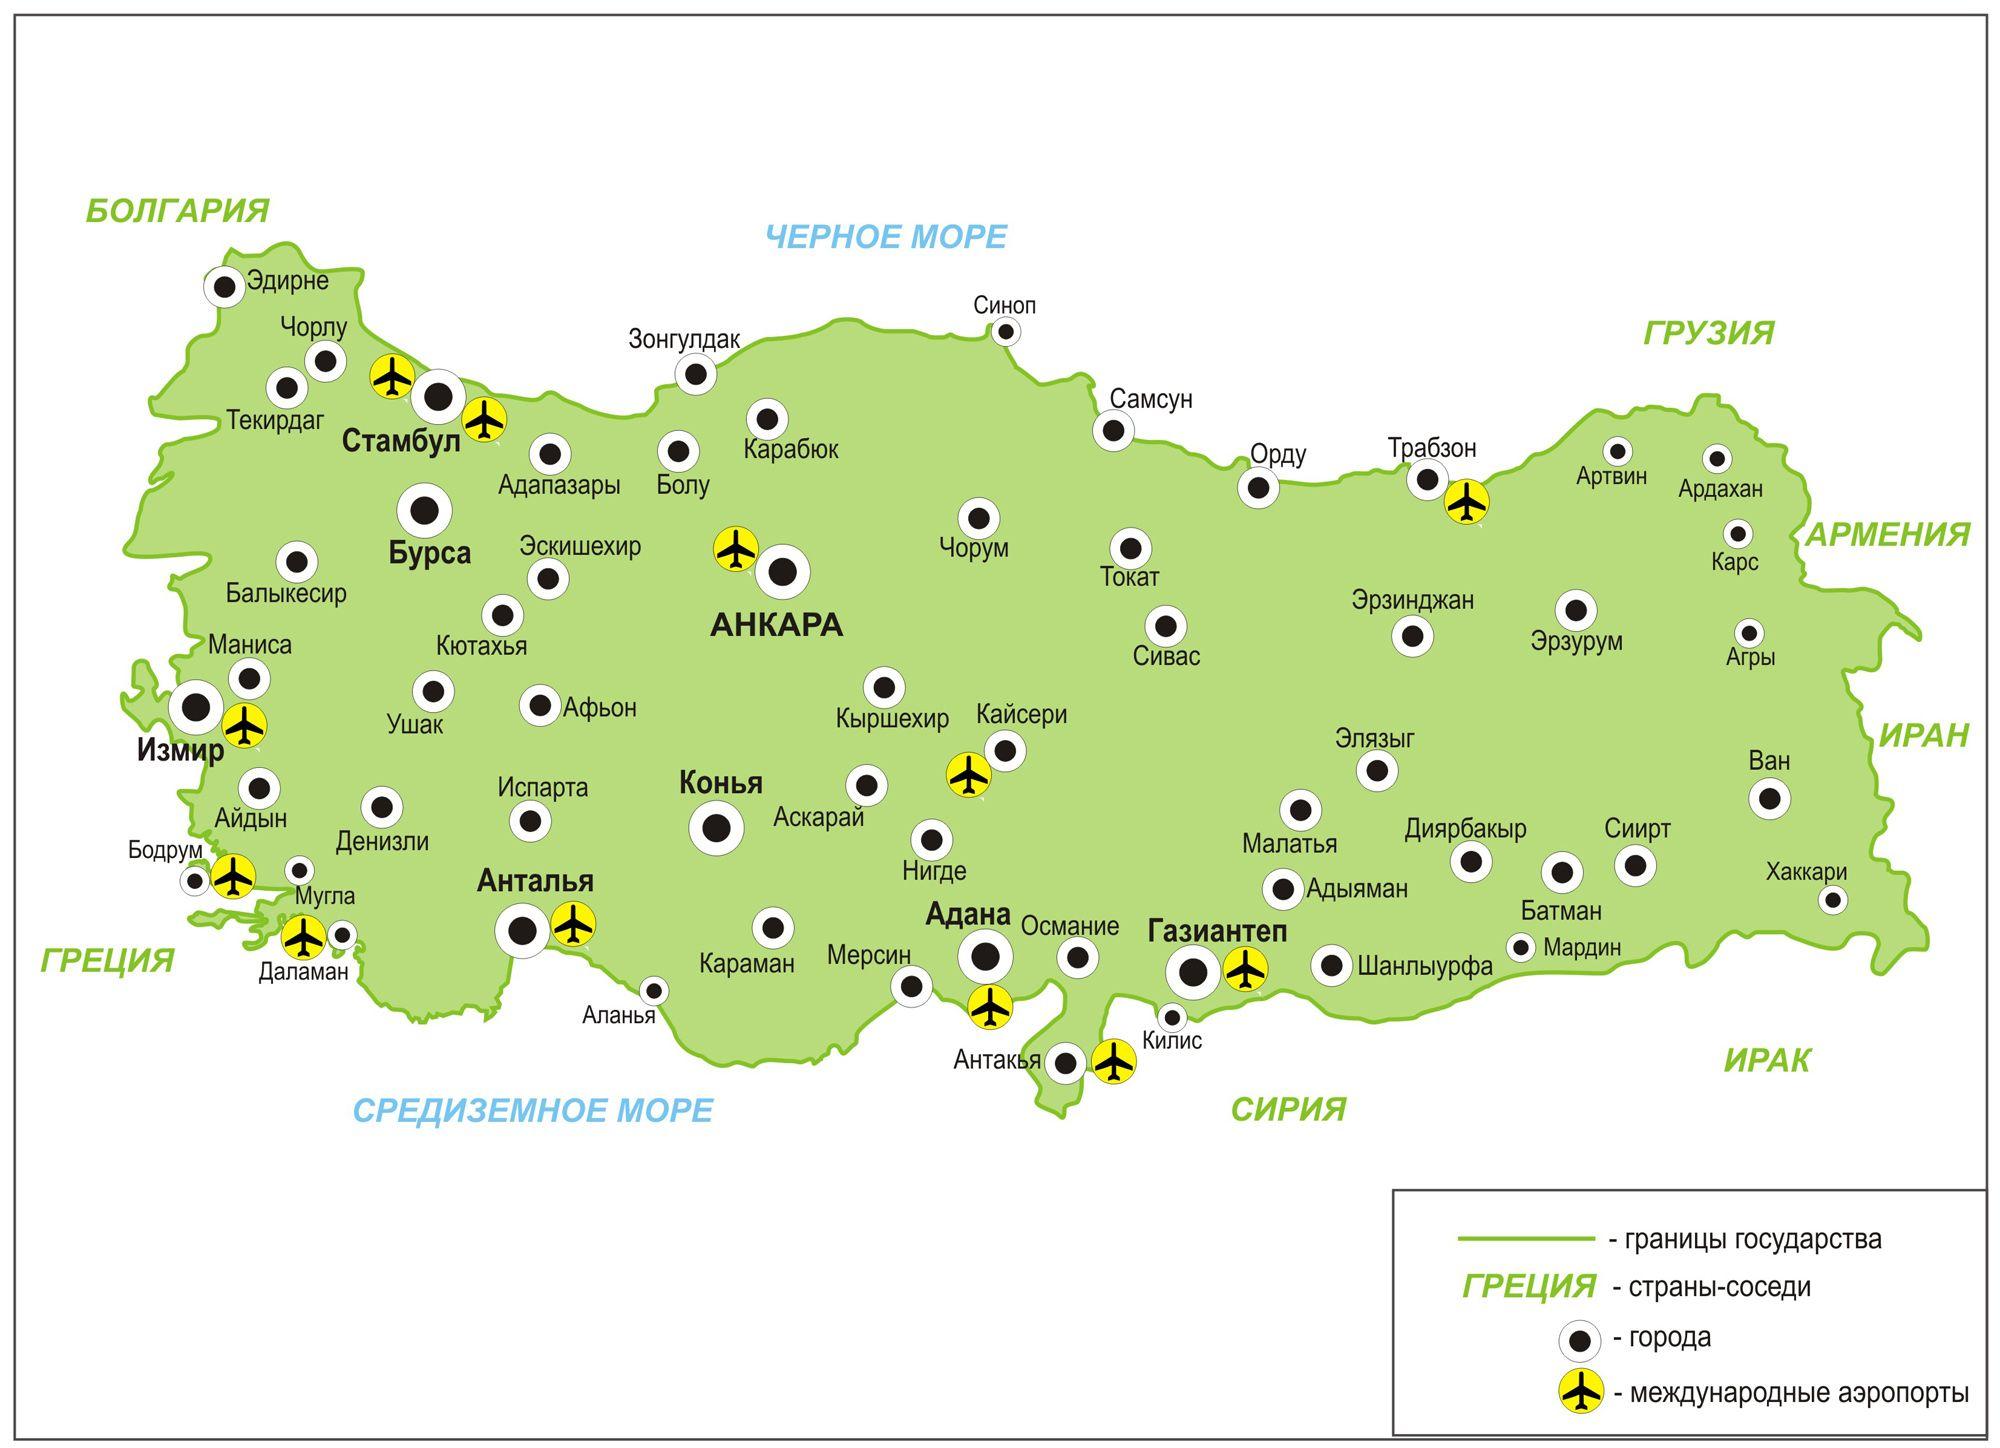 Международные воздушные порты Турции на карте